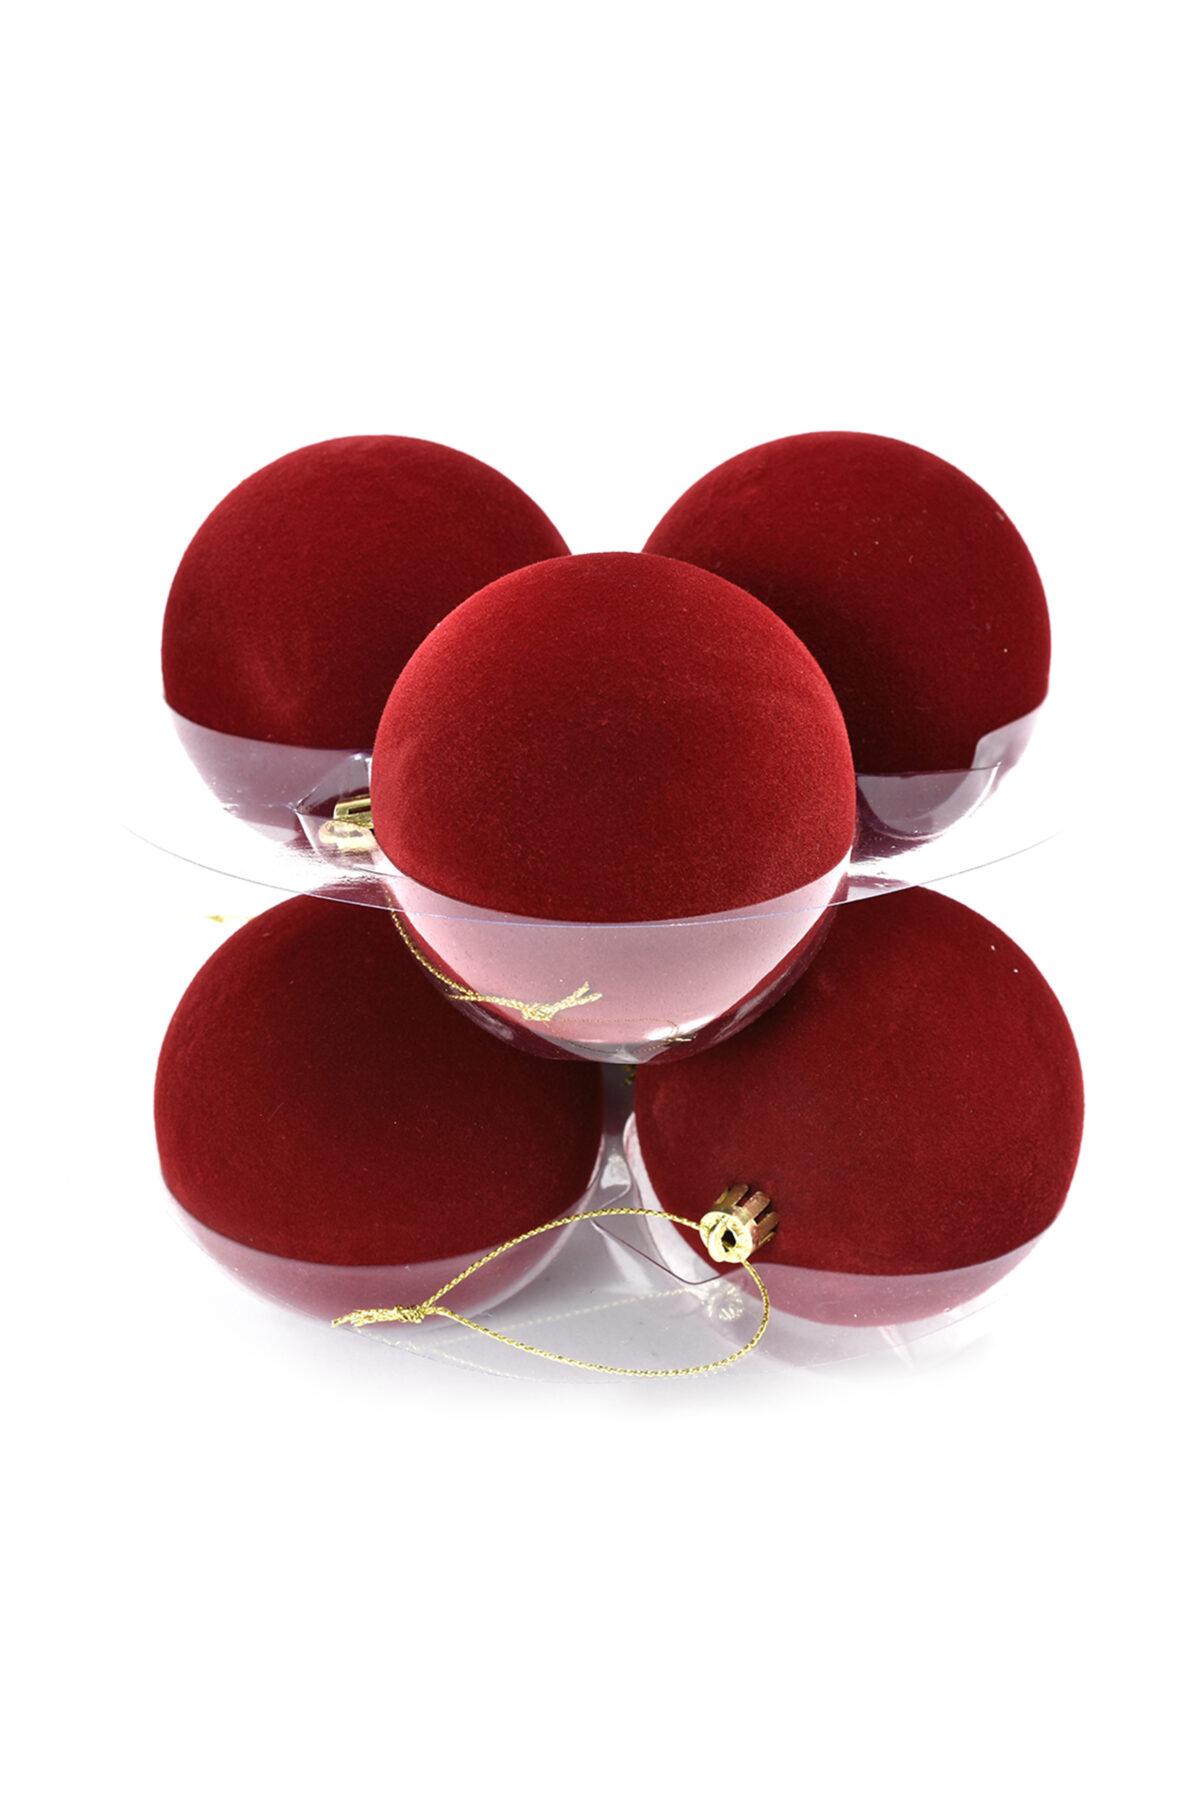 Set da 6 palline di Natale in velluto di colore bordeaux 8 cm